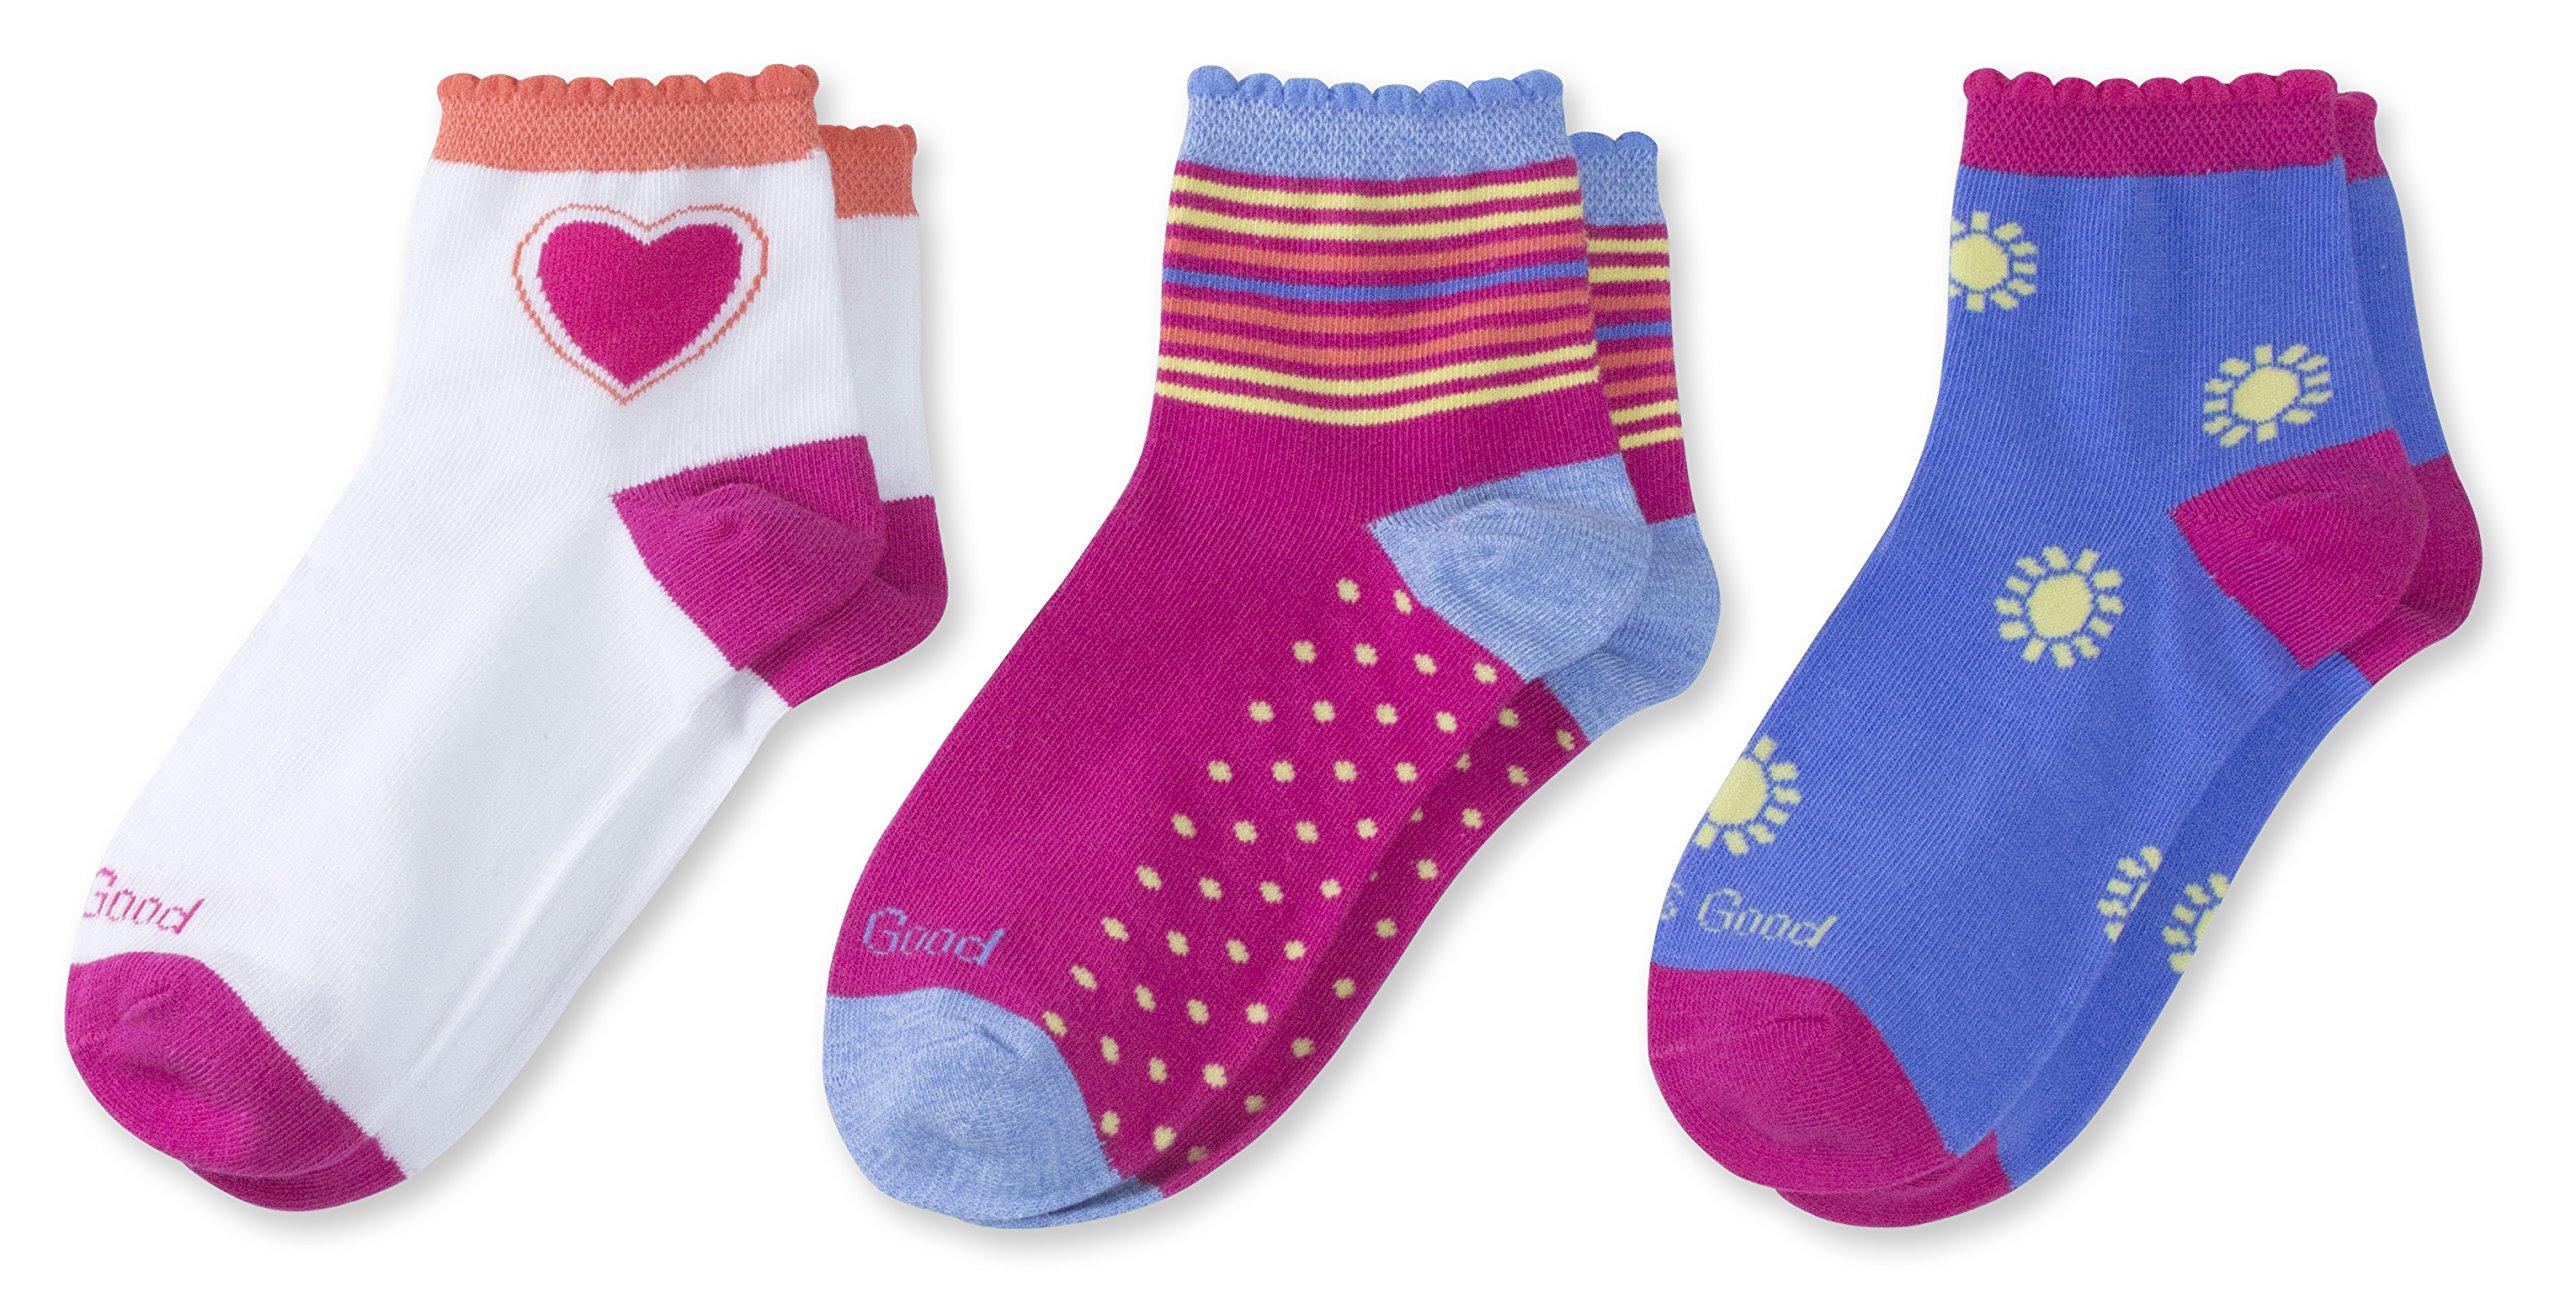 Life is Good Quarter Socks (Pack 3), Heart/Sunshine/Pink, Large (Fits Shoe Size 13-4)